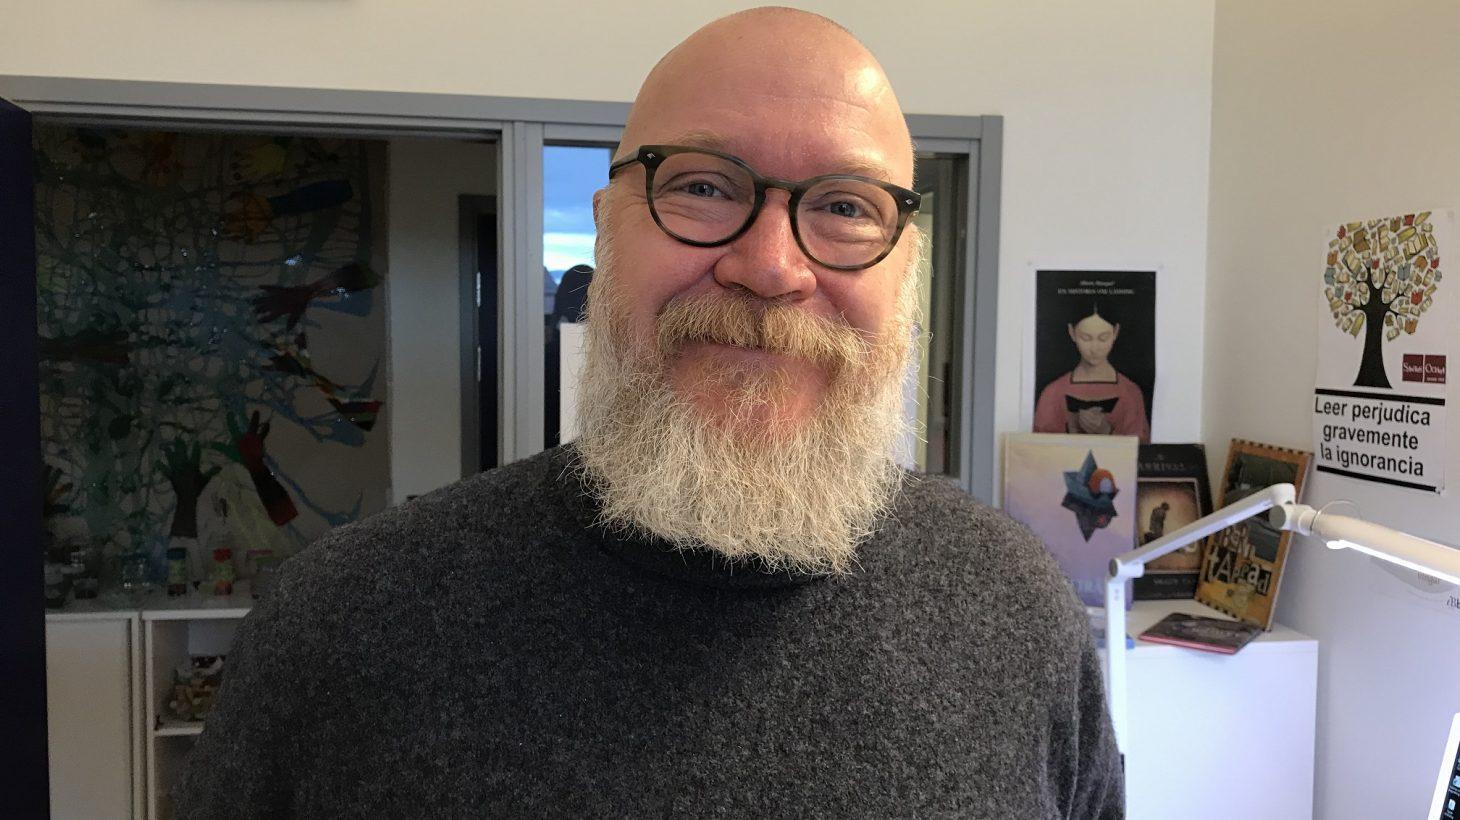 Ulf Malmqvist på kontor.